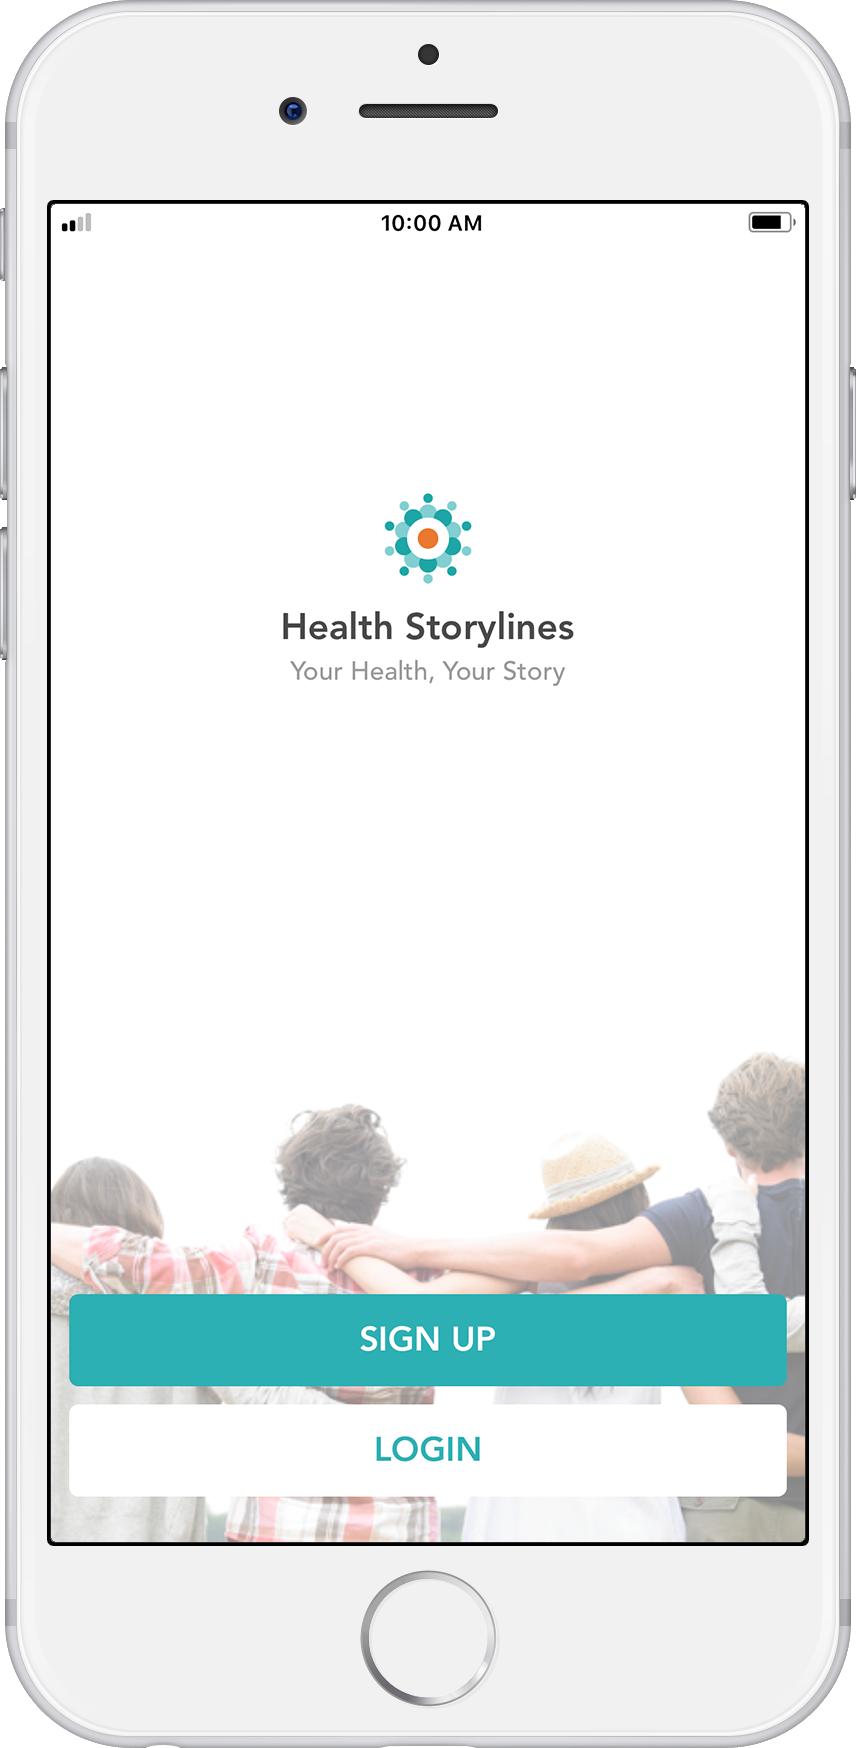 HealthStorylines_Main.png